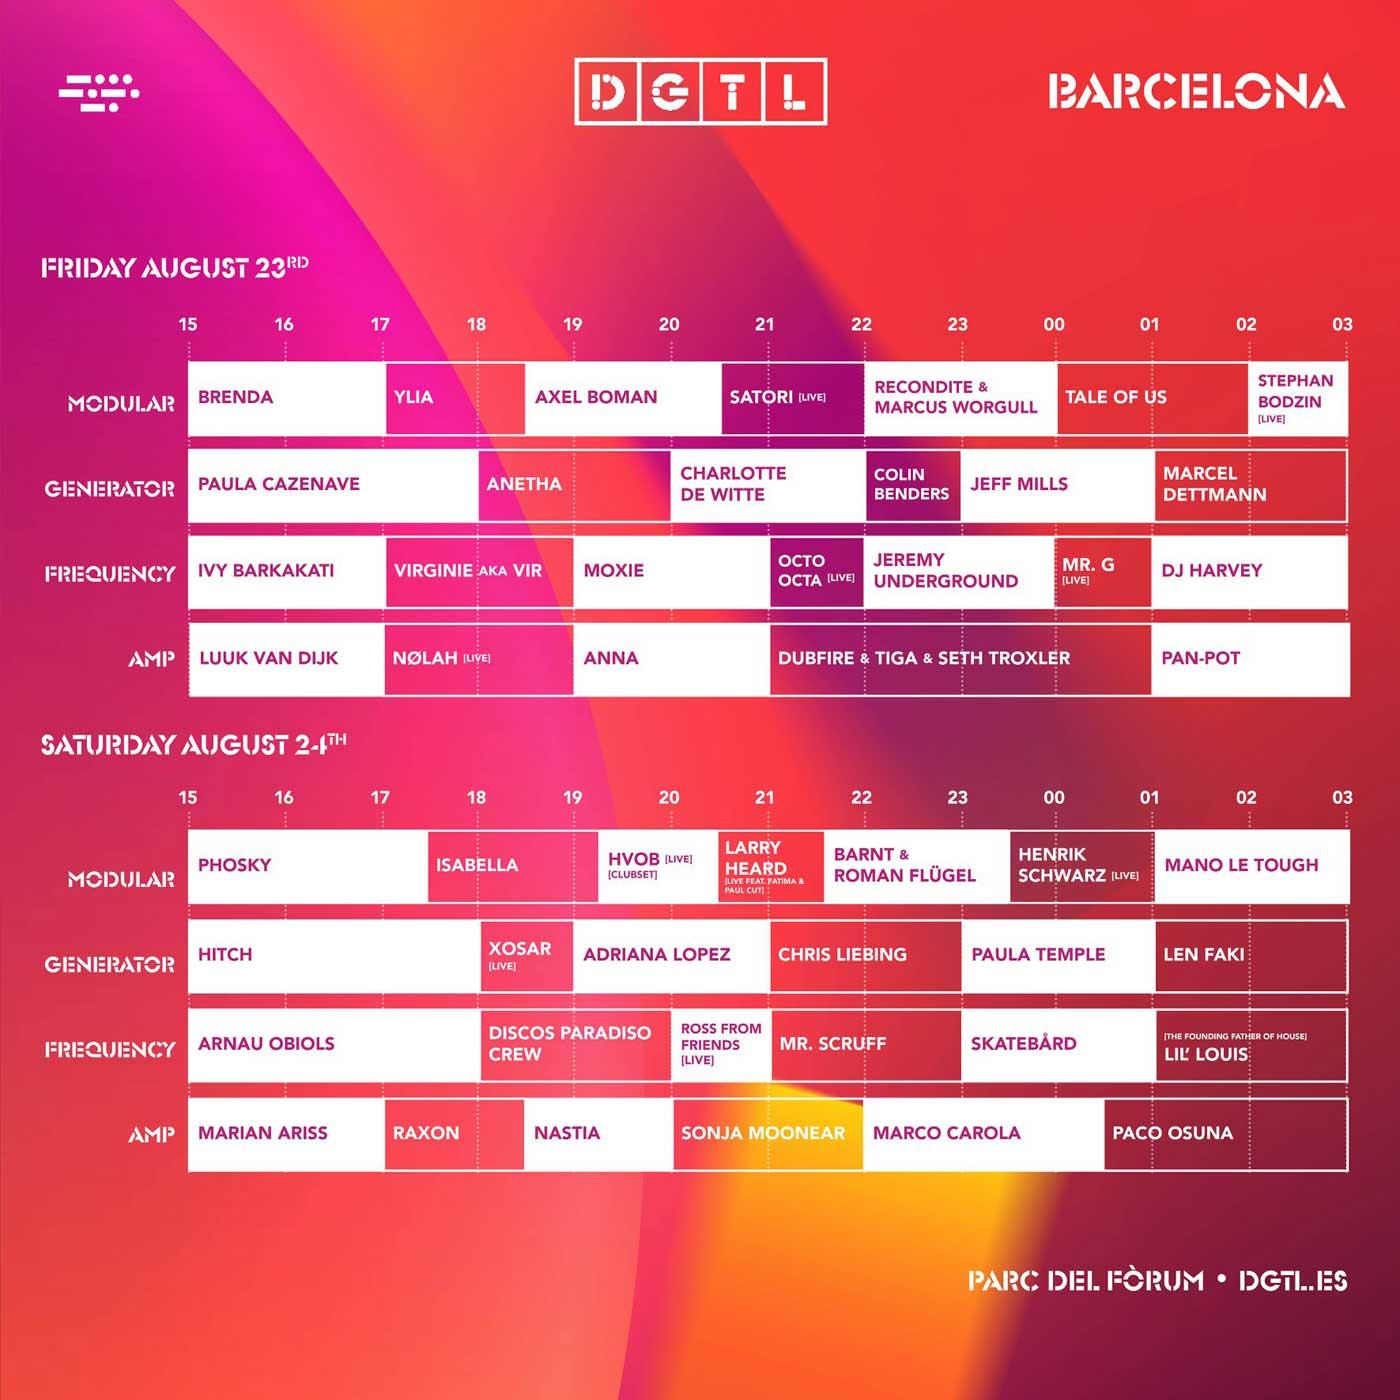 horarios dgtl 2019